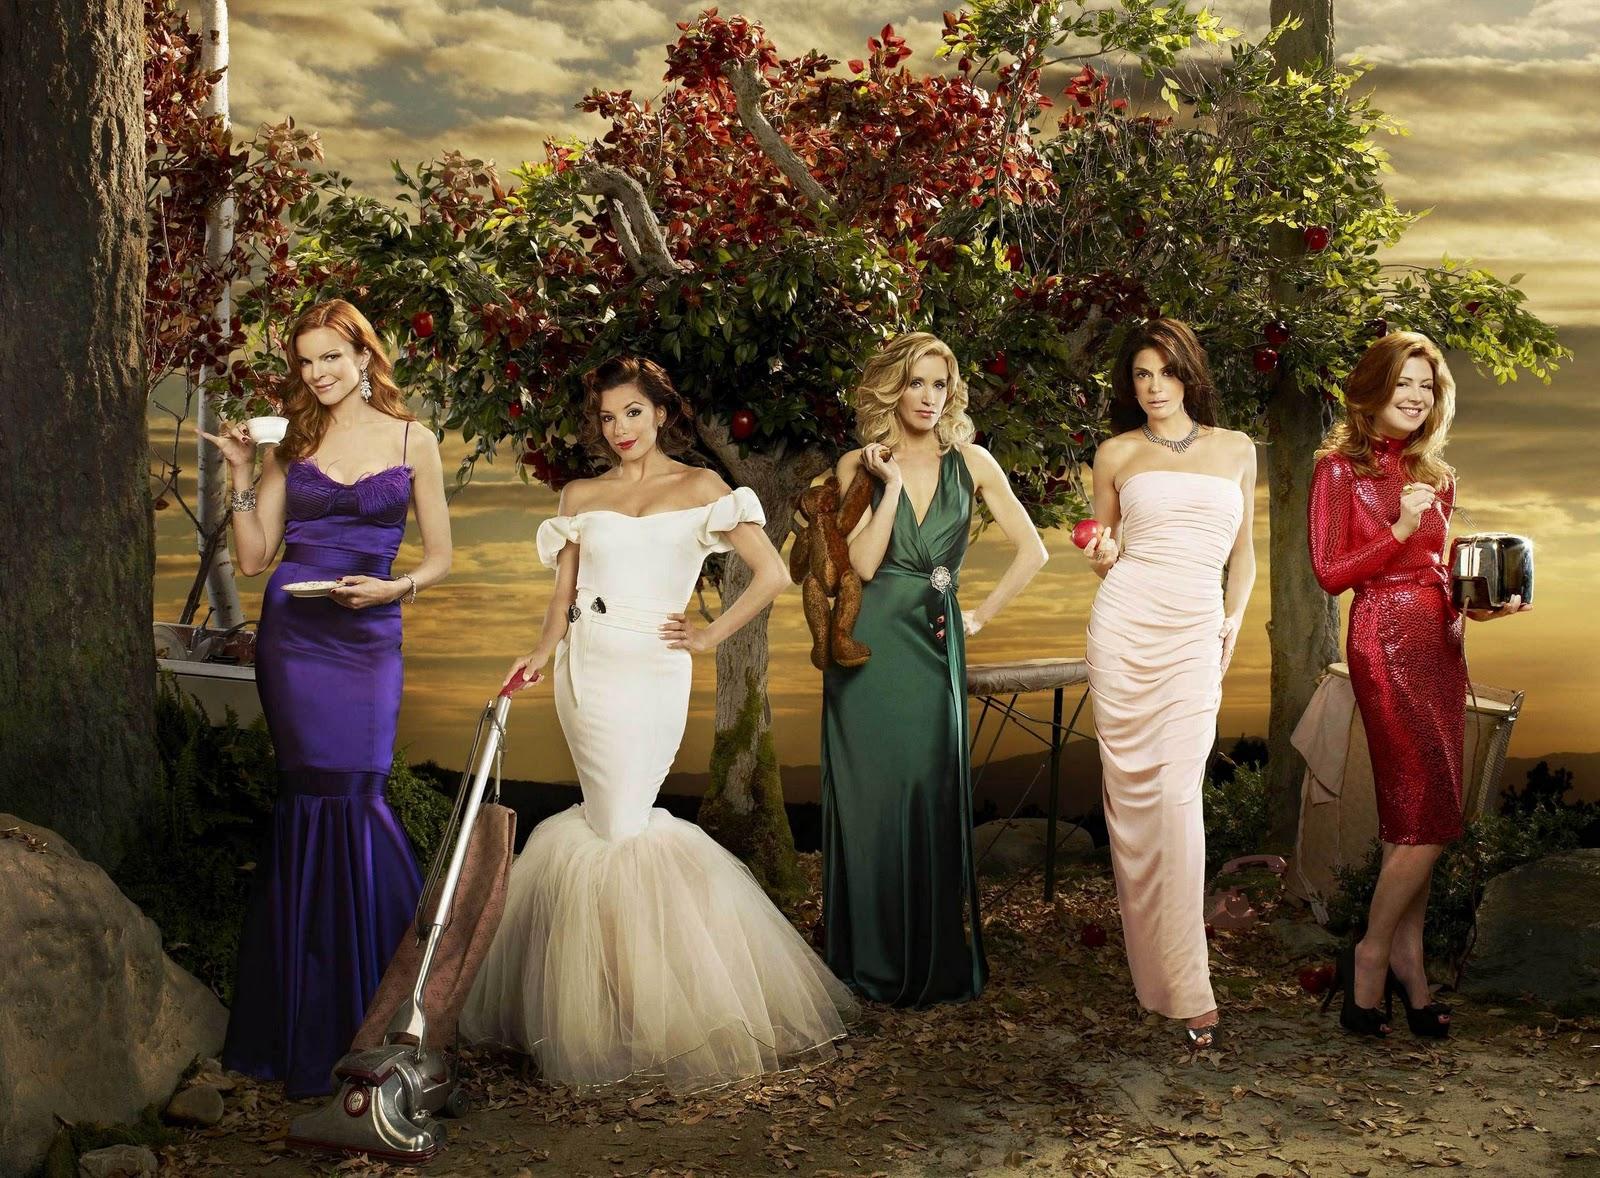 http://1.bp.blogspot.com/-0_S6vb6VcZ0/Tn1_aurhN-I/AAAAAAAAASo/_aZqCOrSfRs/s1600/Desperate-Housewives-Season-6-Promo-Cast-Pic-desperate-housewives-8023140-2560-1885.jpg